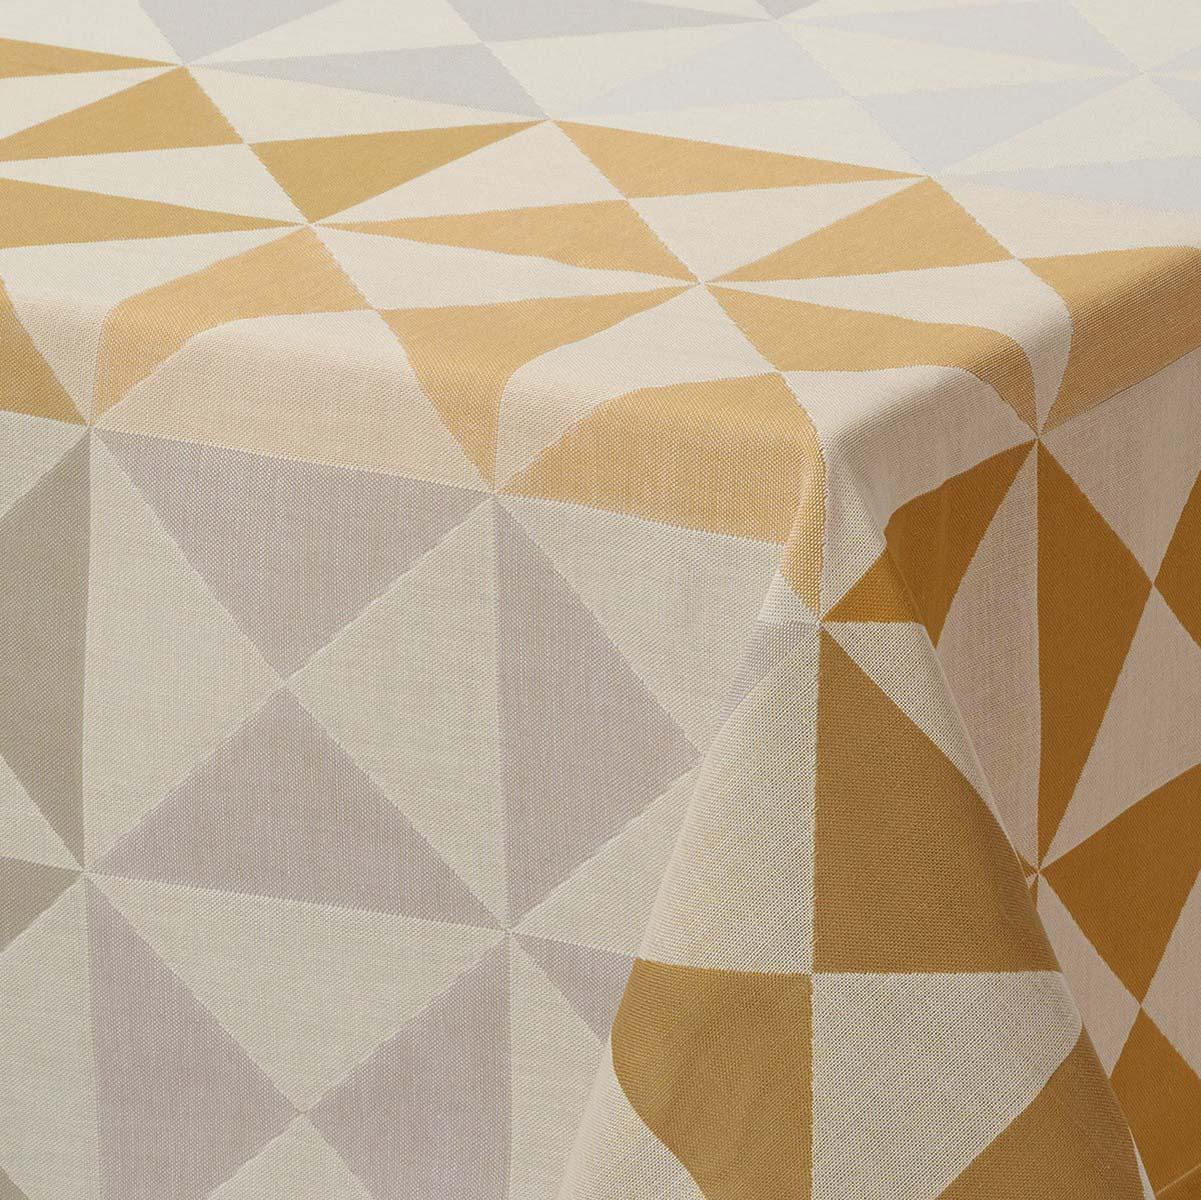 Origami Le le jacquard francais origami table linens